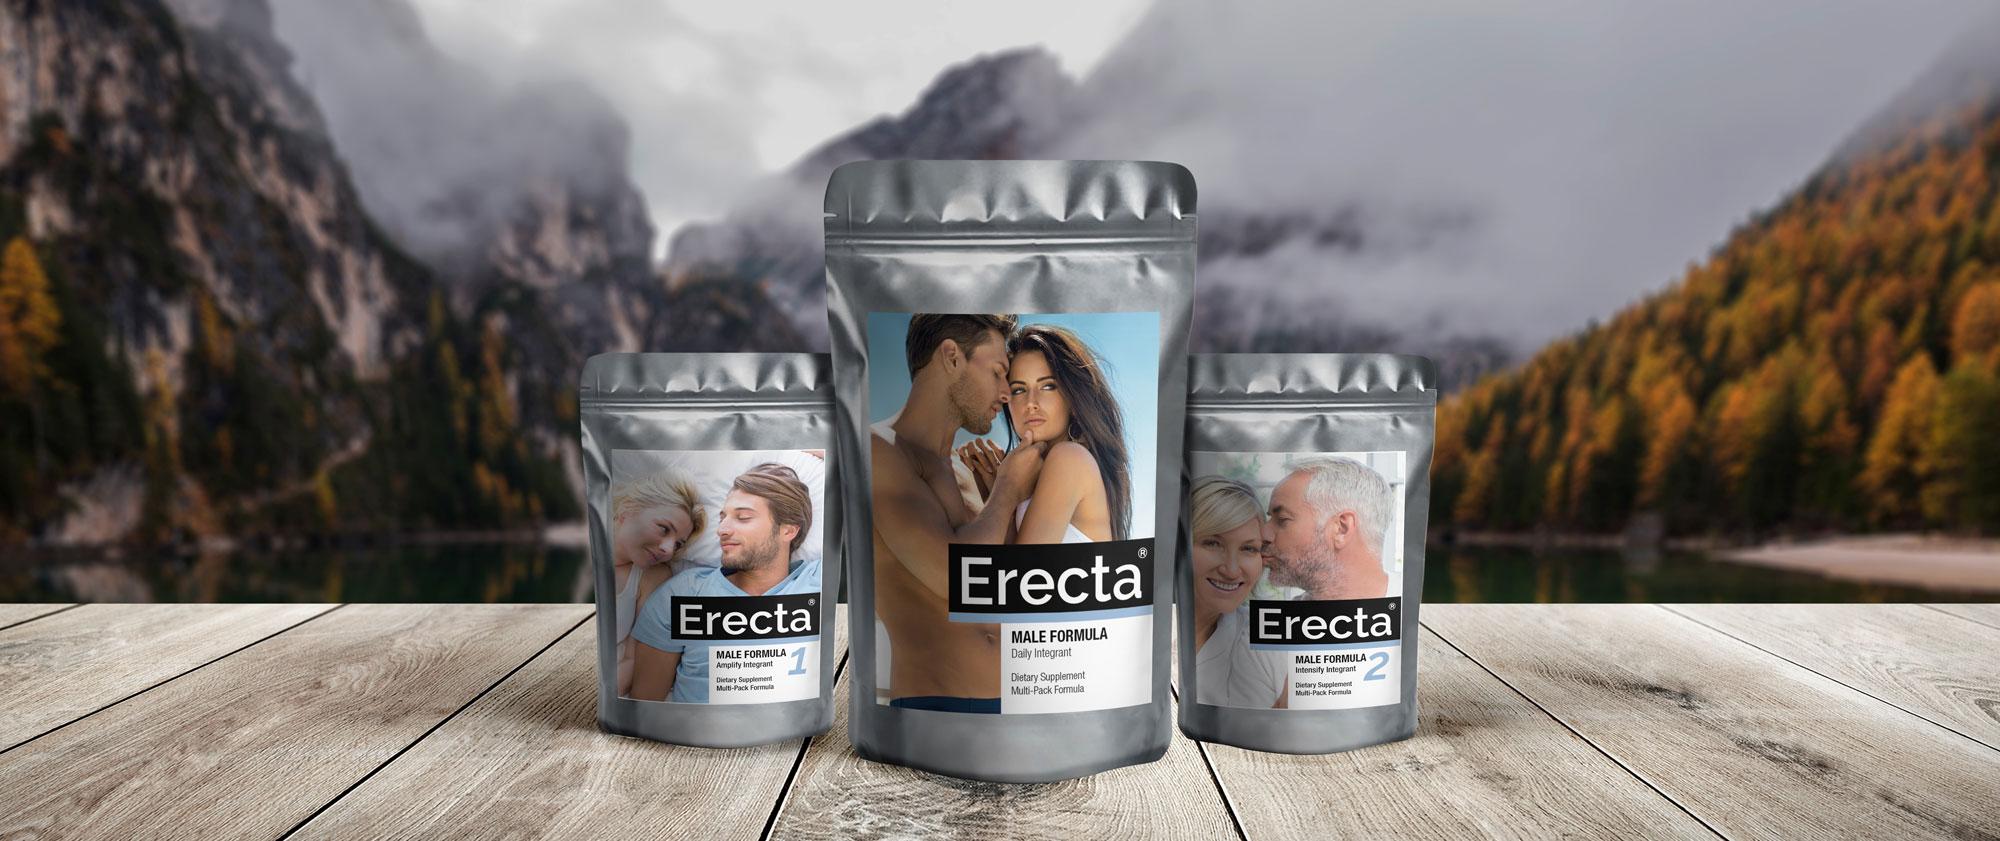 erecta